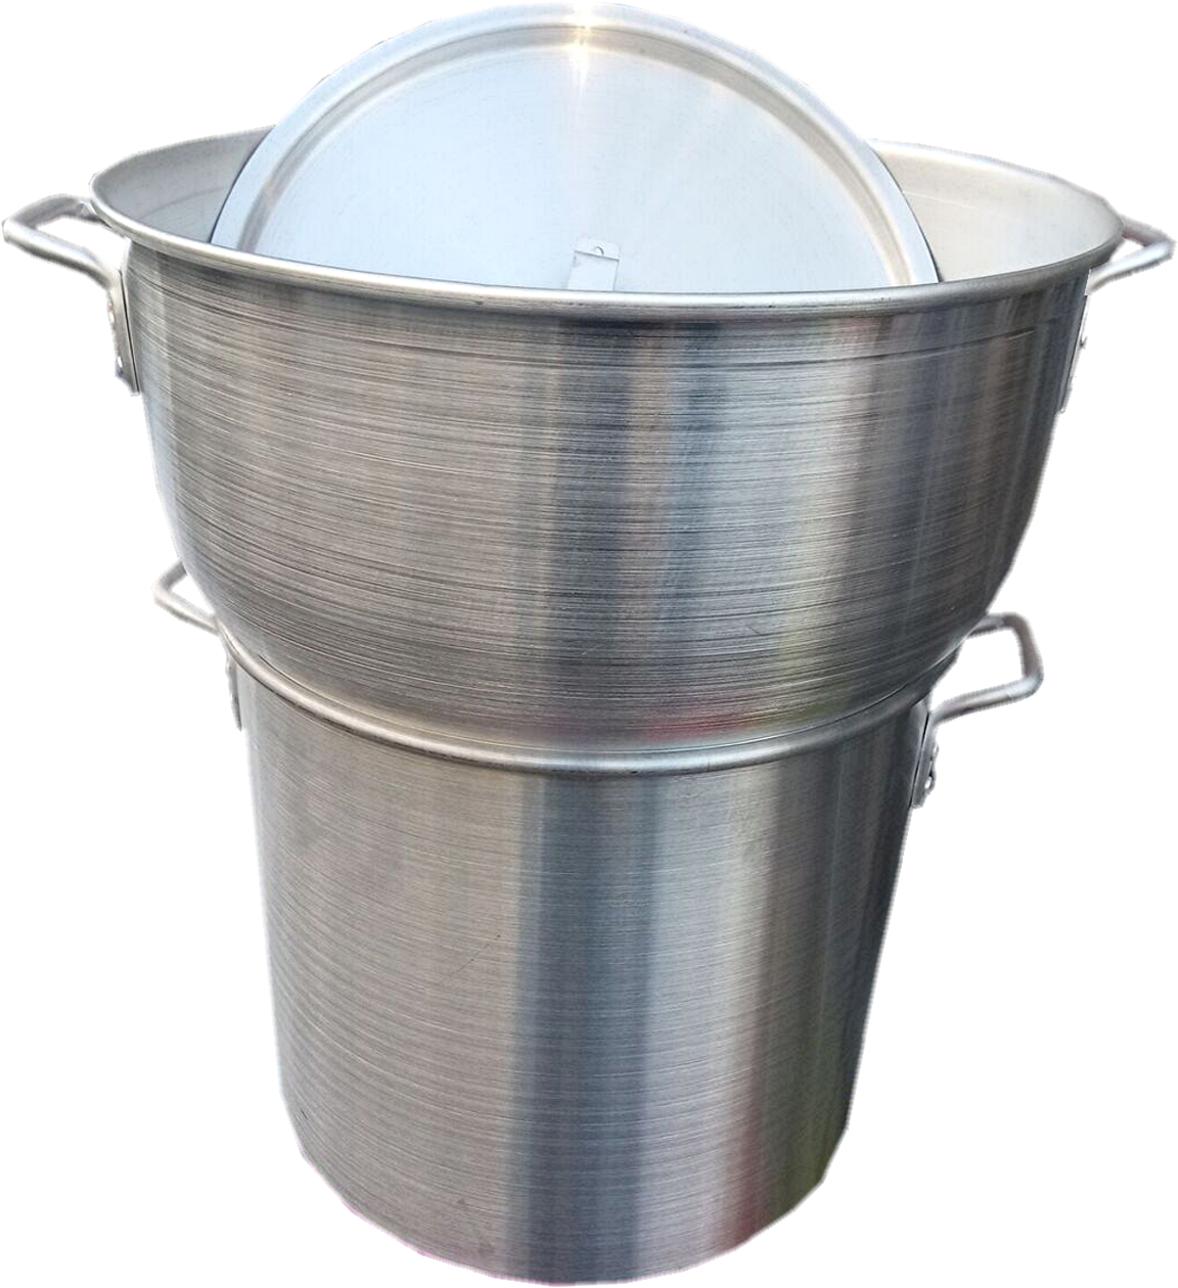 Couscoussier Professionnel En Aluminium 40 Litres Ustensile De